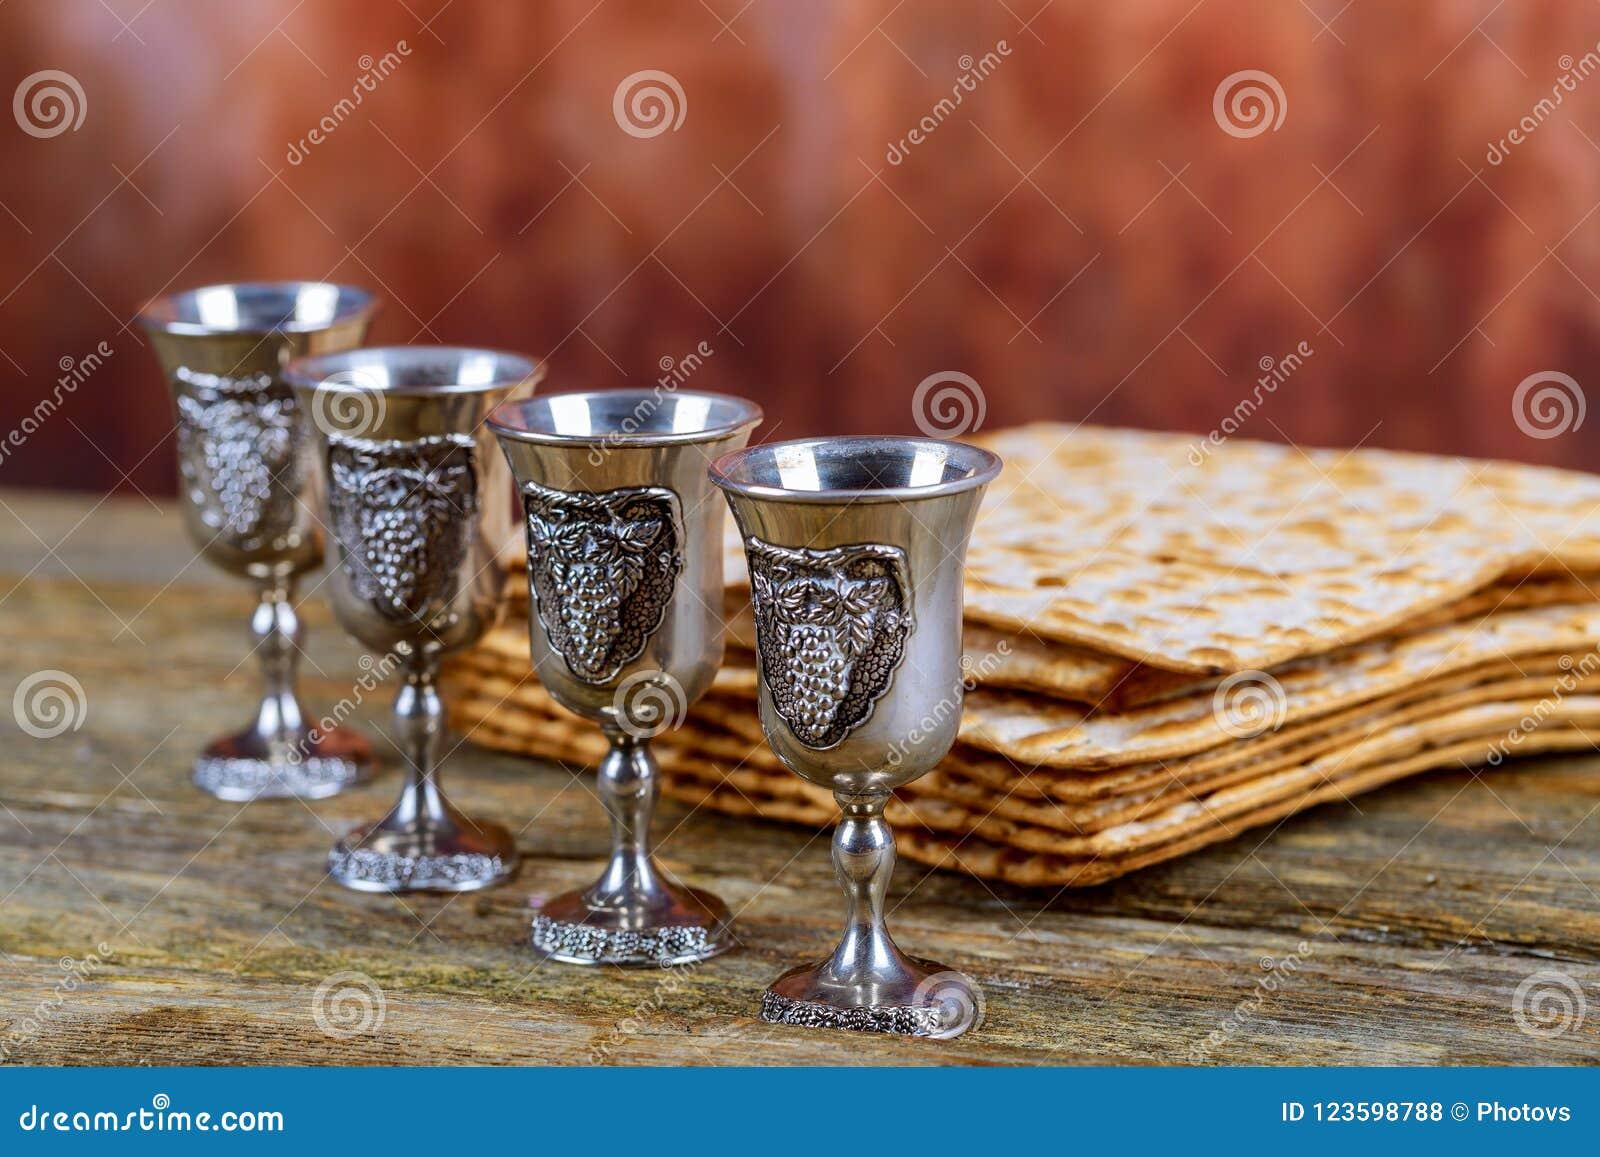 Matzot cztery szkła czerwone wino symbole Passover